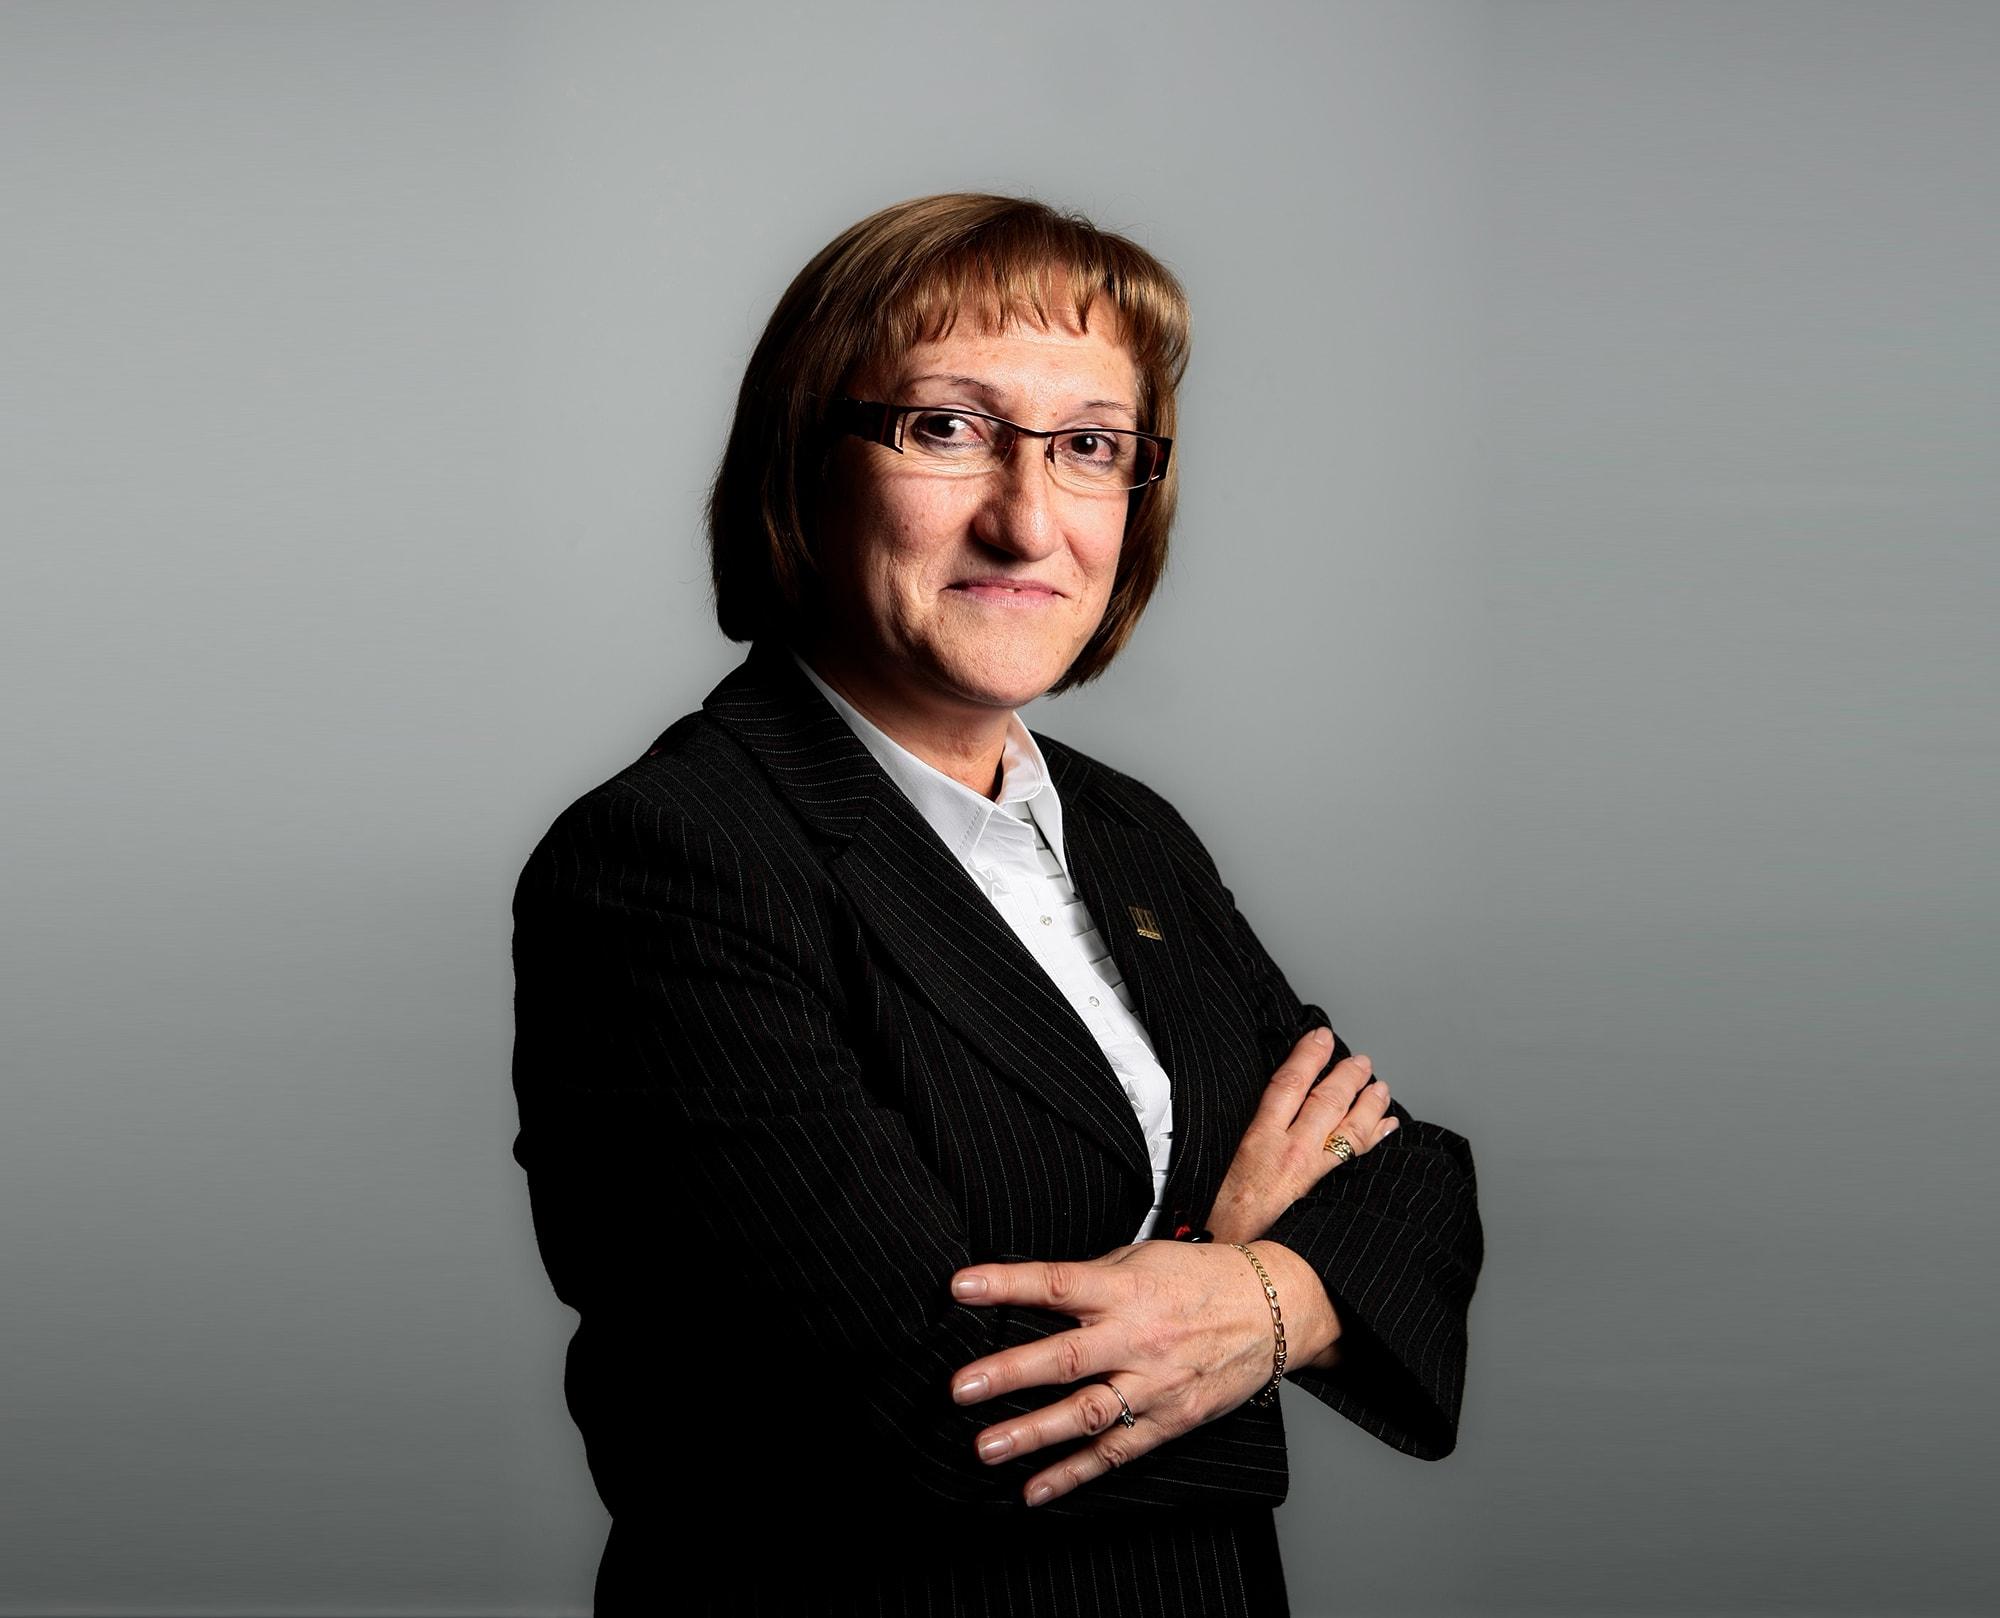 Mª Carmen Antúnez